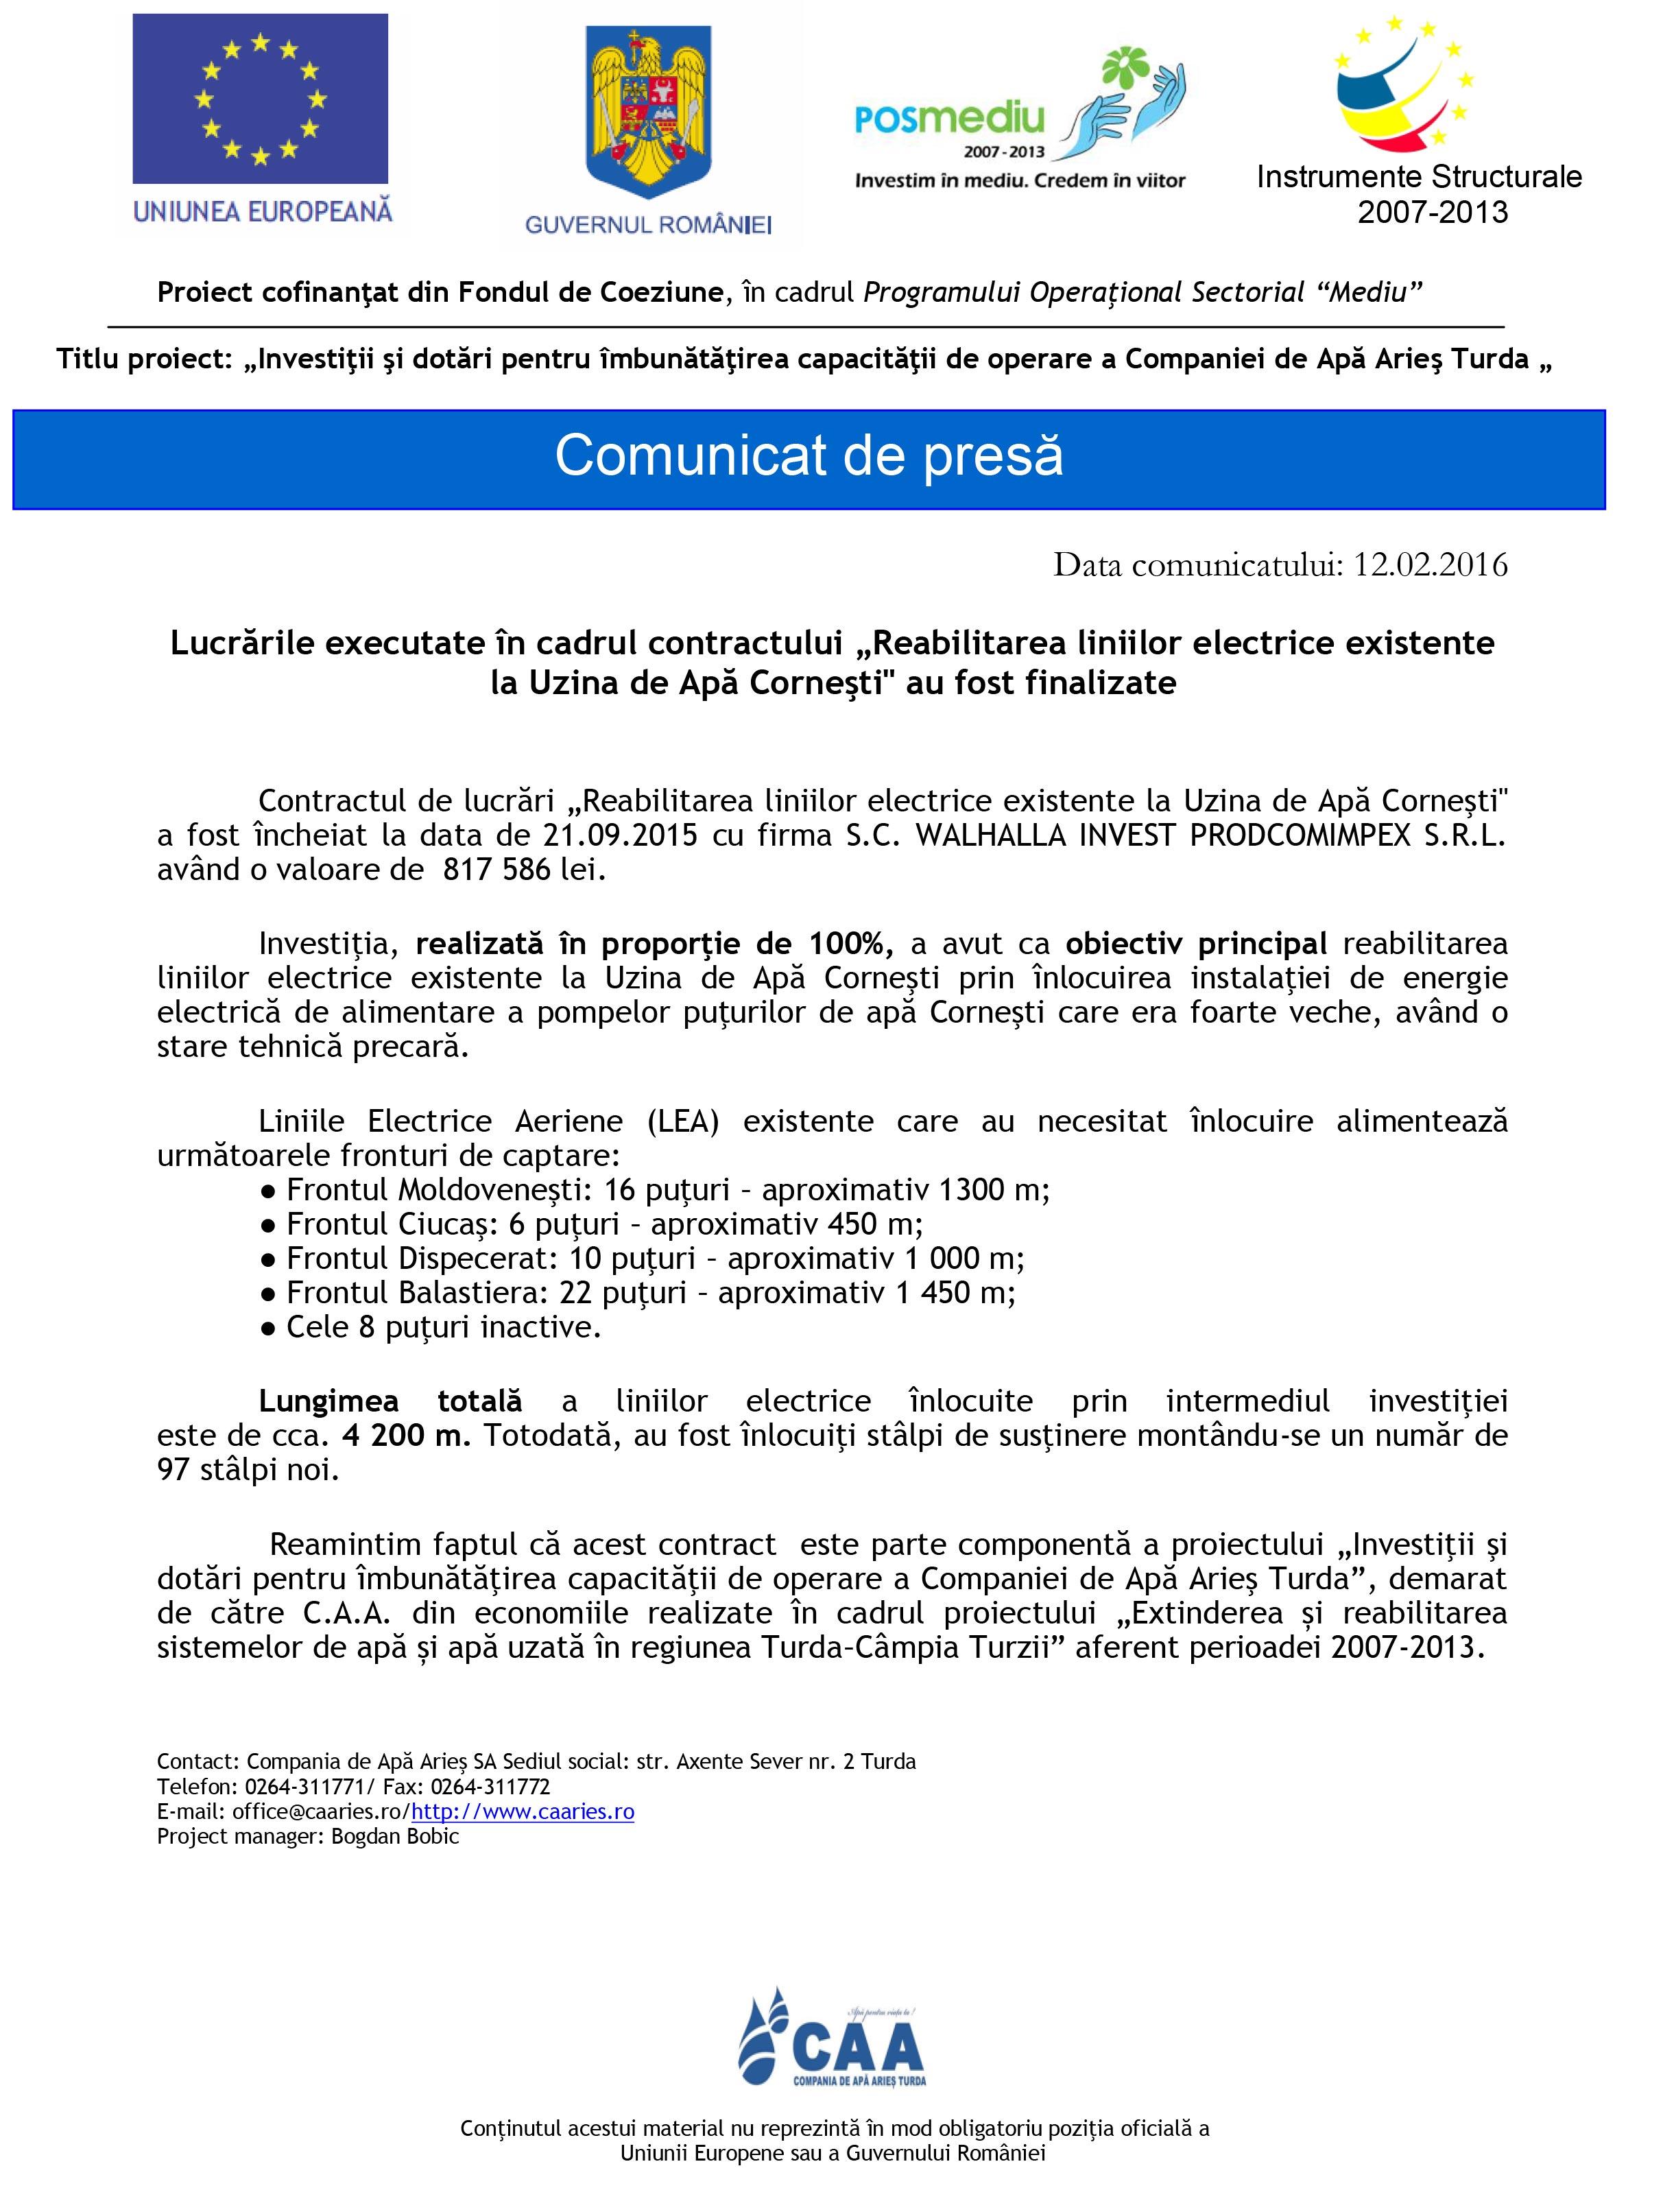 Comunicat-final-Reabilitarea-liniilor-electrice-Uzina-de-Apa-Cornesti